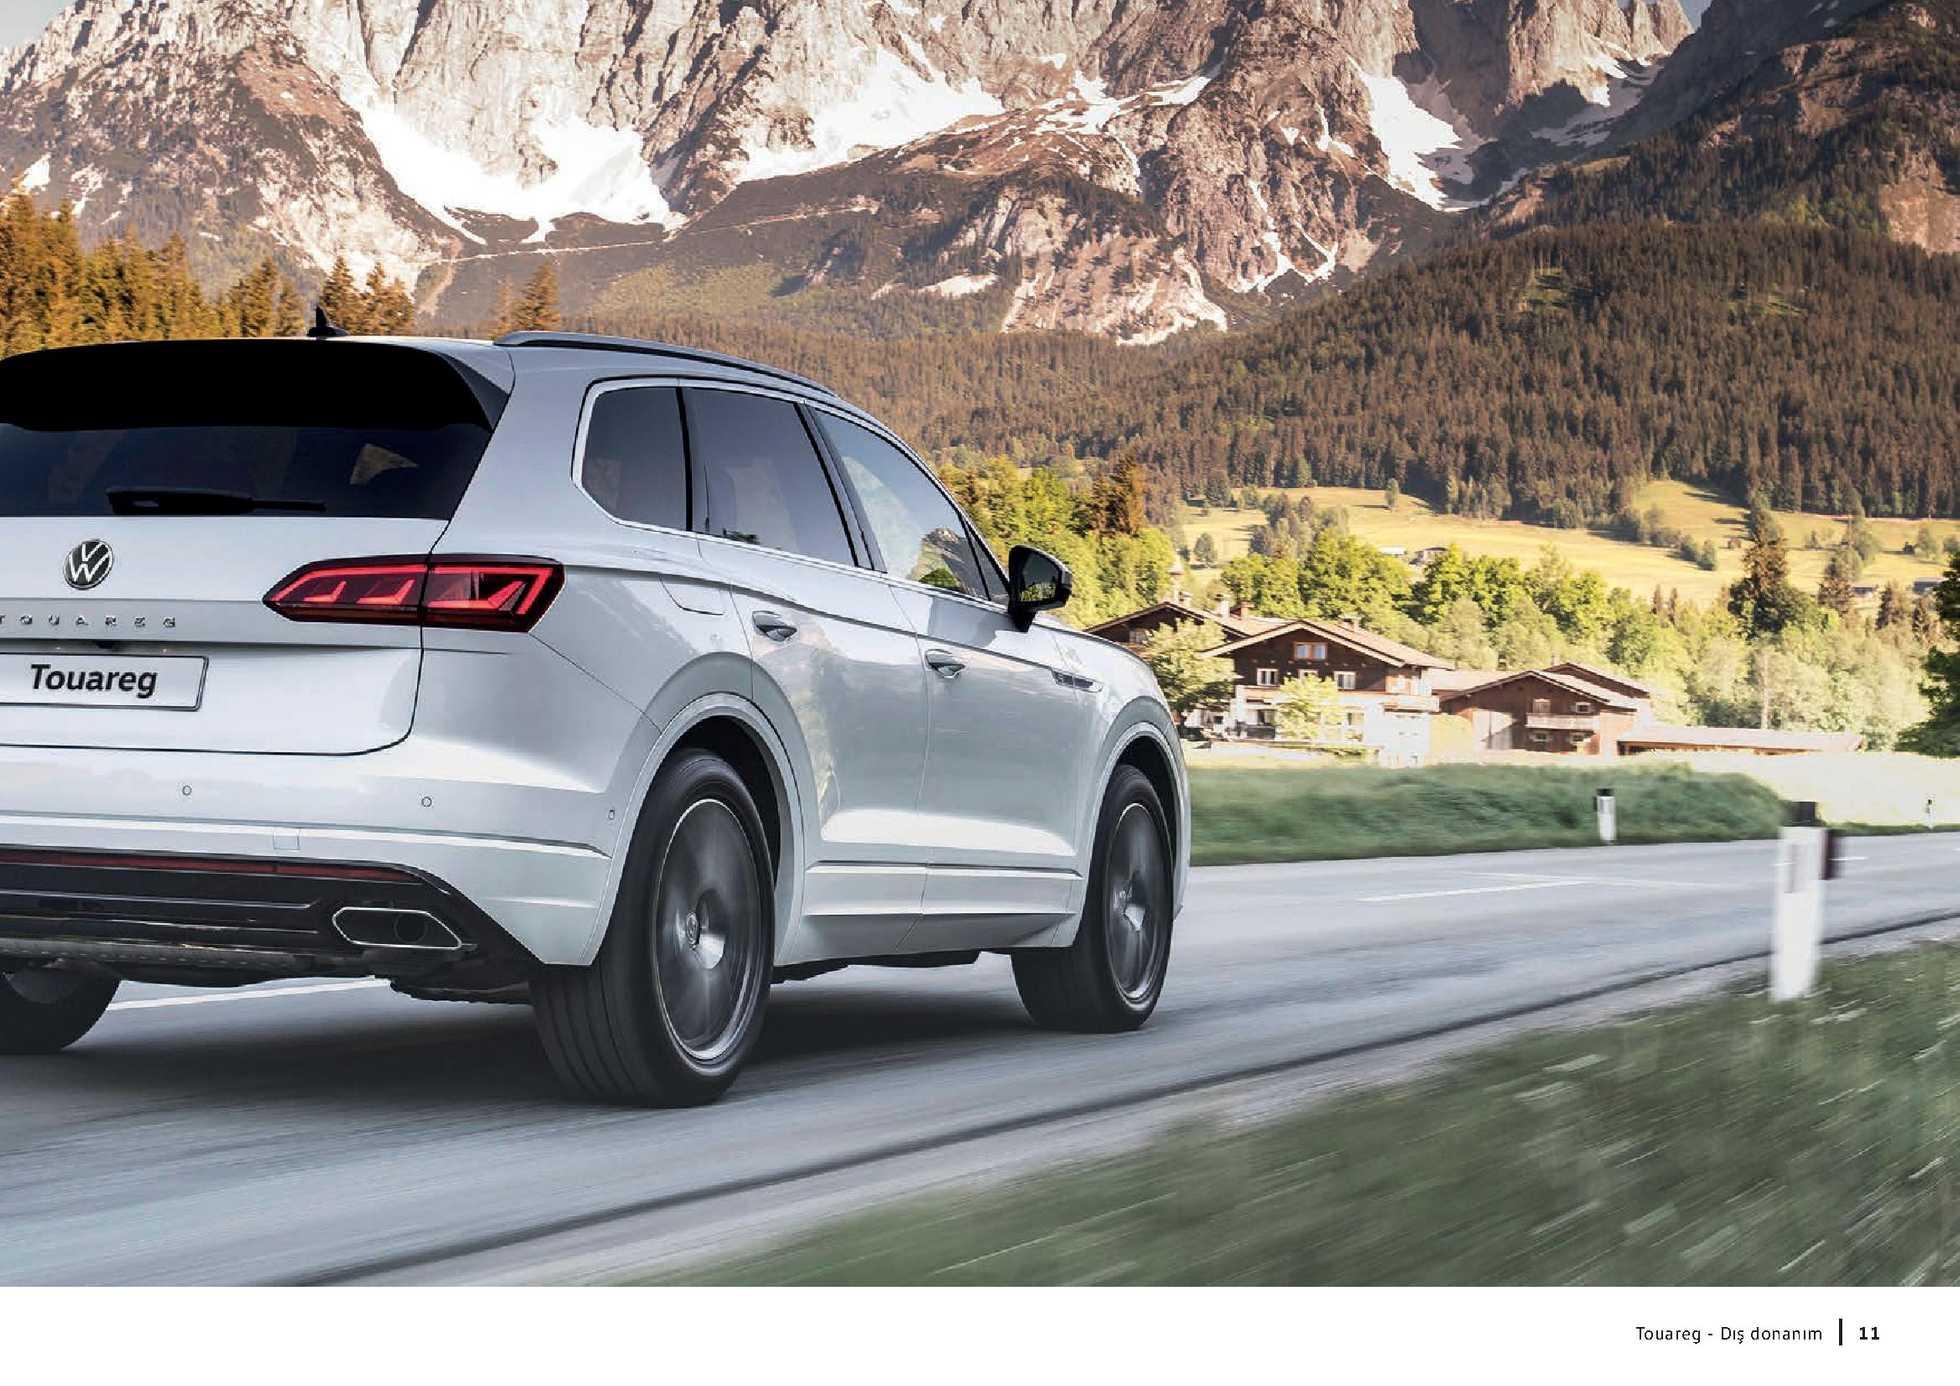 Volkswagen - indirimler 01.01.2021 tarihinden başlayıp 31.12.2021 - tarihine kadar devam ediyor. Sayfa 4.